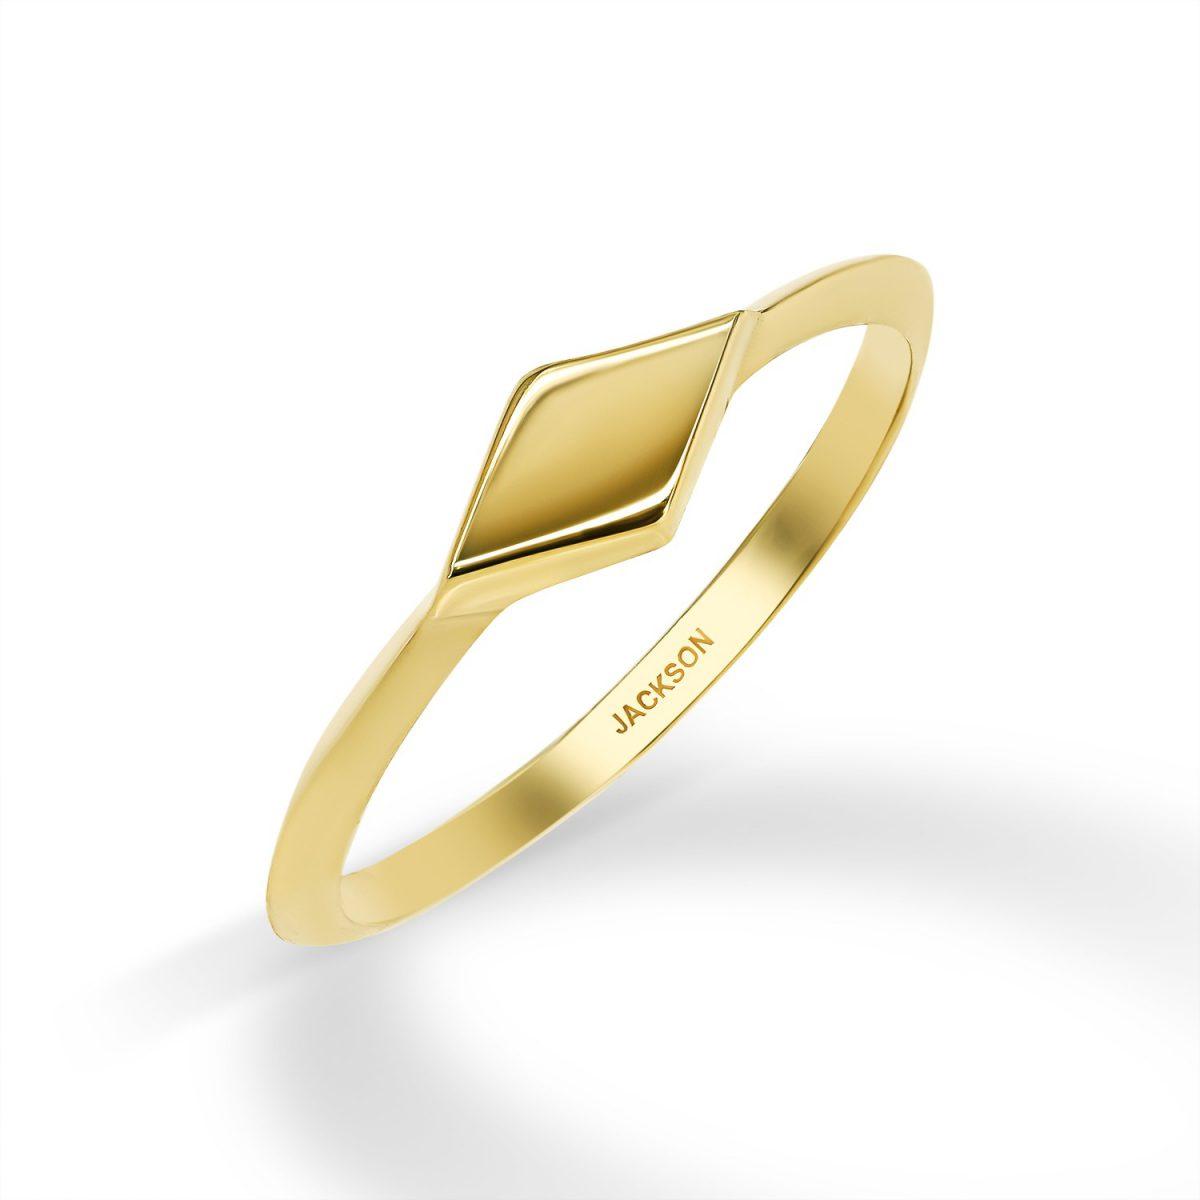 טבעת זהב מורן - זהב צהוב